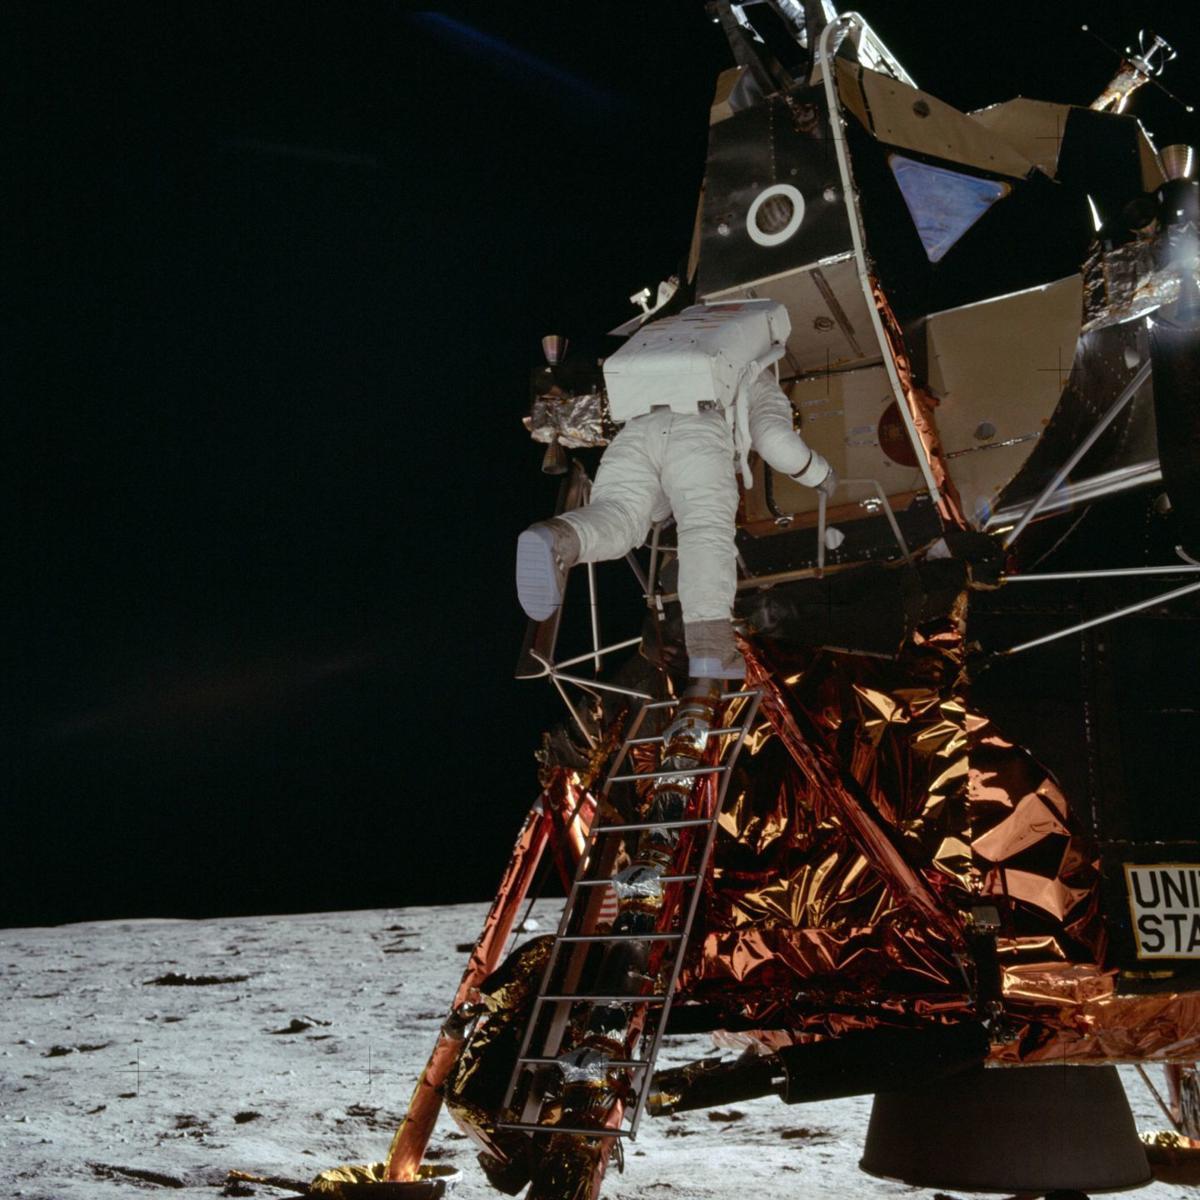 The hard-charging space program: Breakthroughs, breakdowns